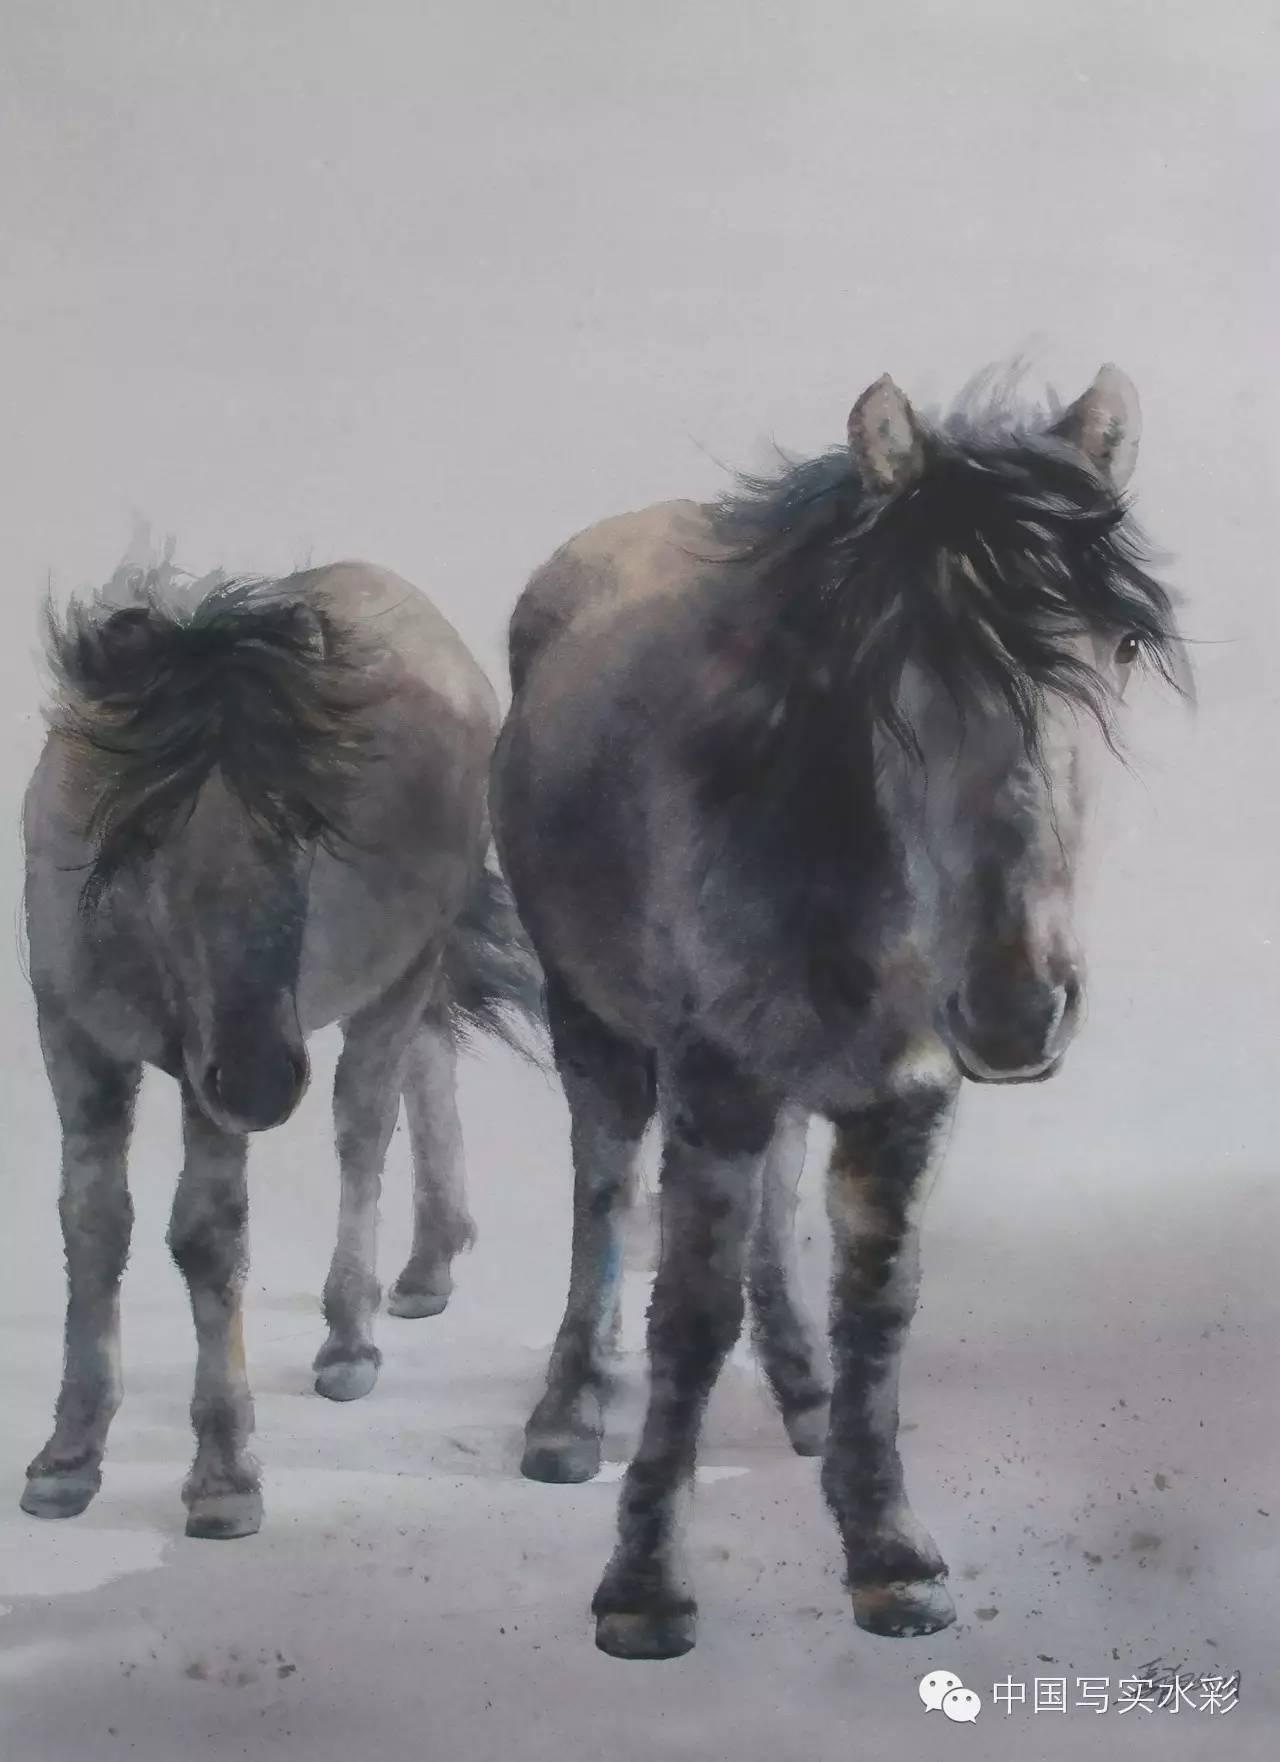 中国写实水彩第一回展——参展画家长海作品欣赏 第12张